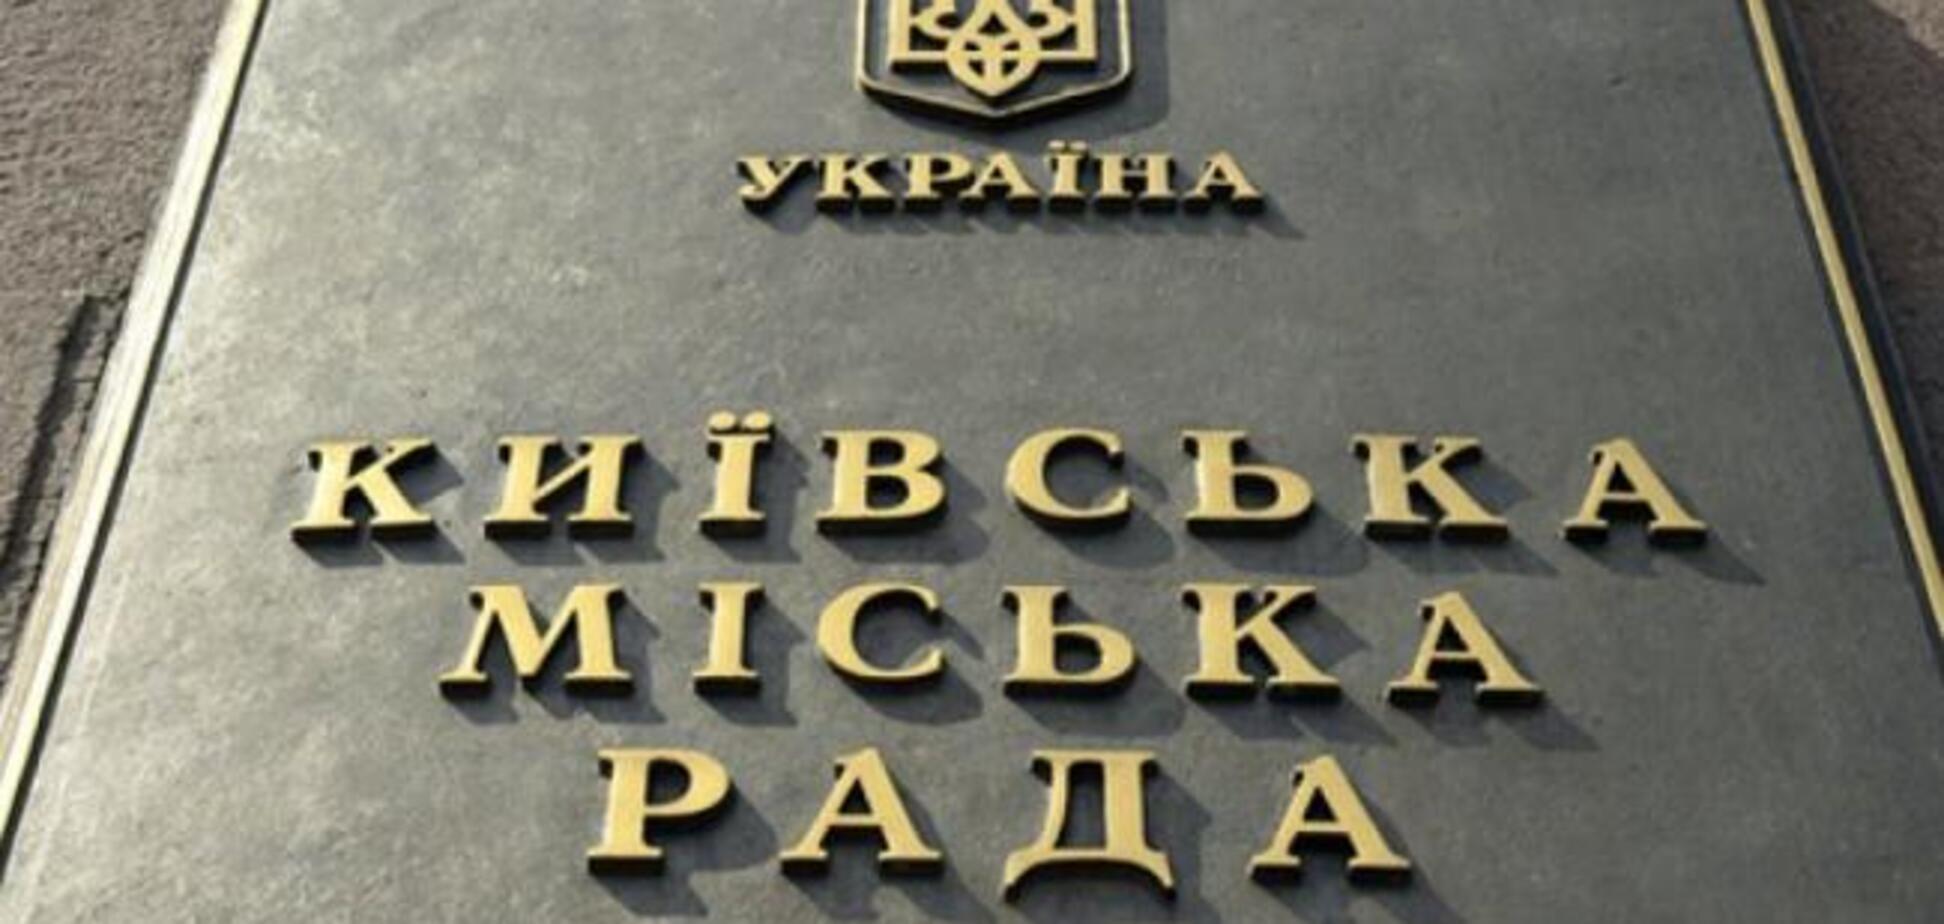 'Минирование' Киевсовета: в полиции рассказали подробности